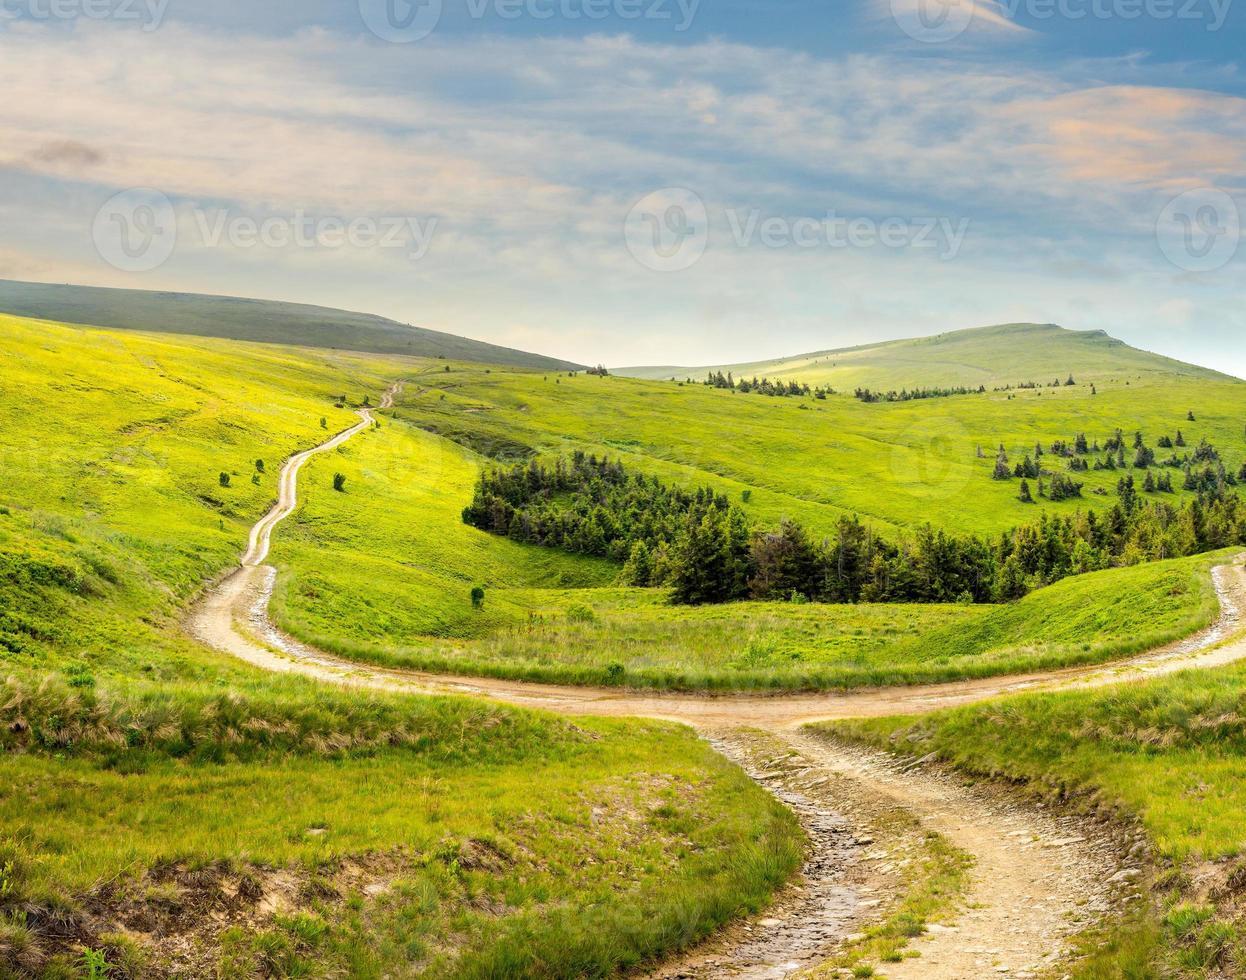 Traverser la route sur la prairie à flanc de colline en montagne au lever du soleil photo